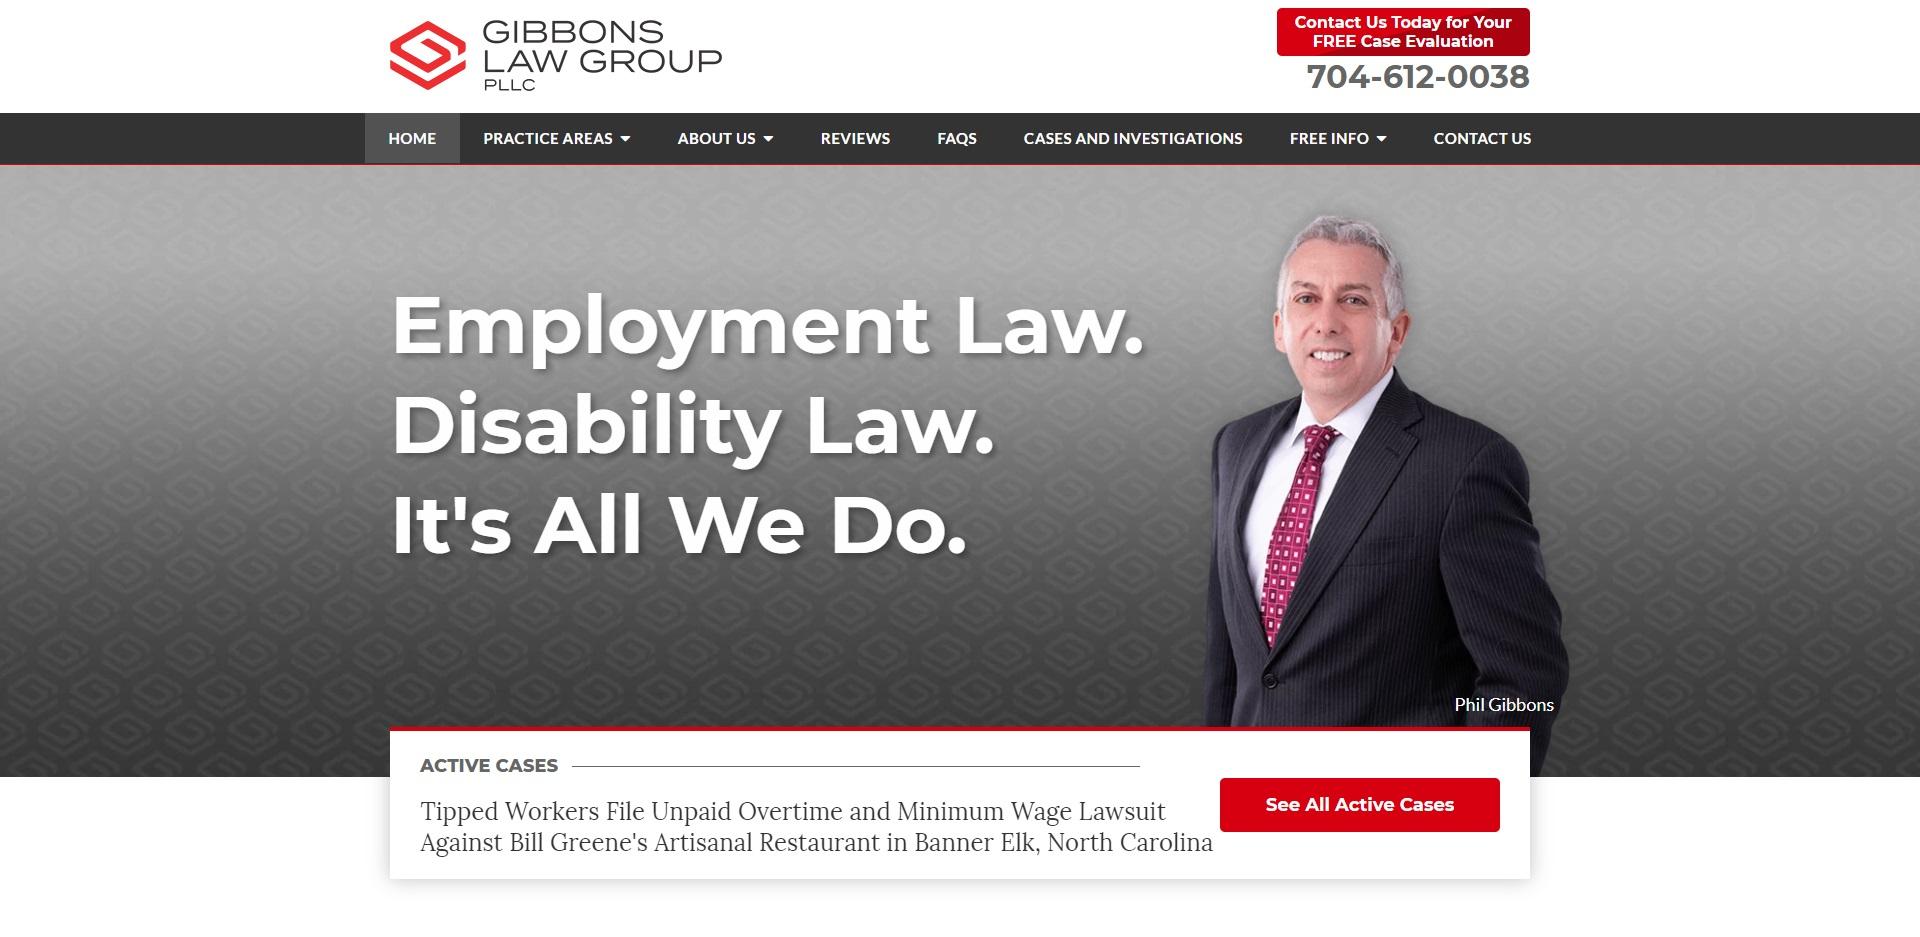 5 Best Unfair Dismissal Attorneys in Charlotte, NC